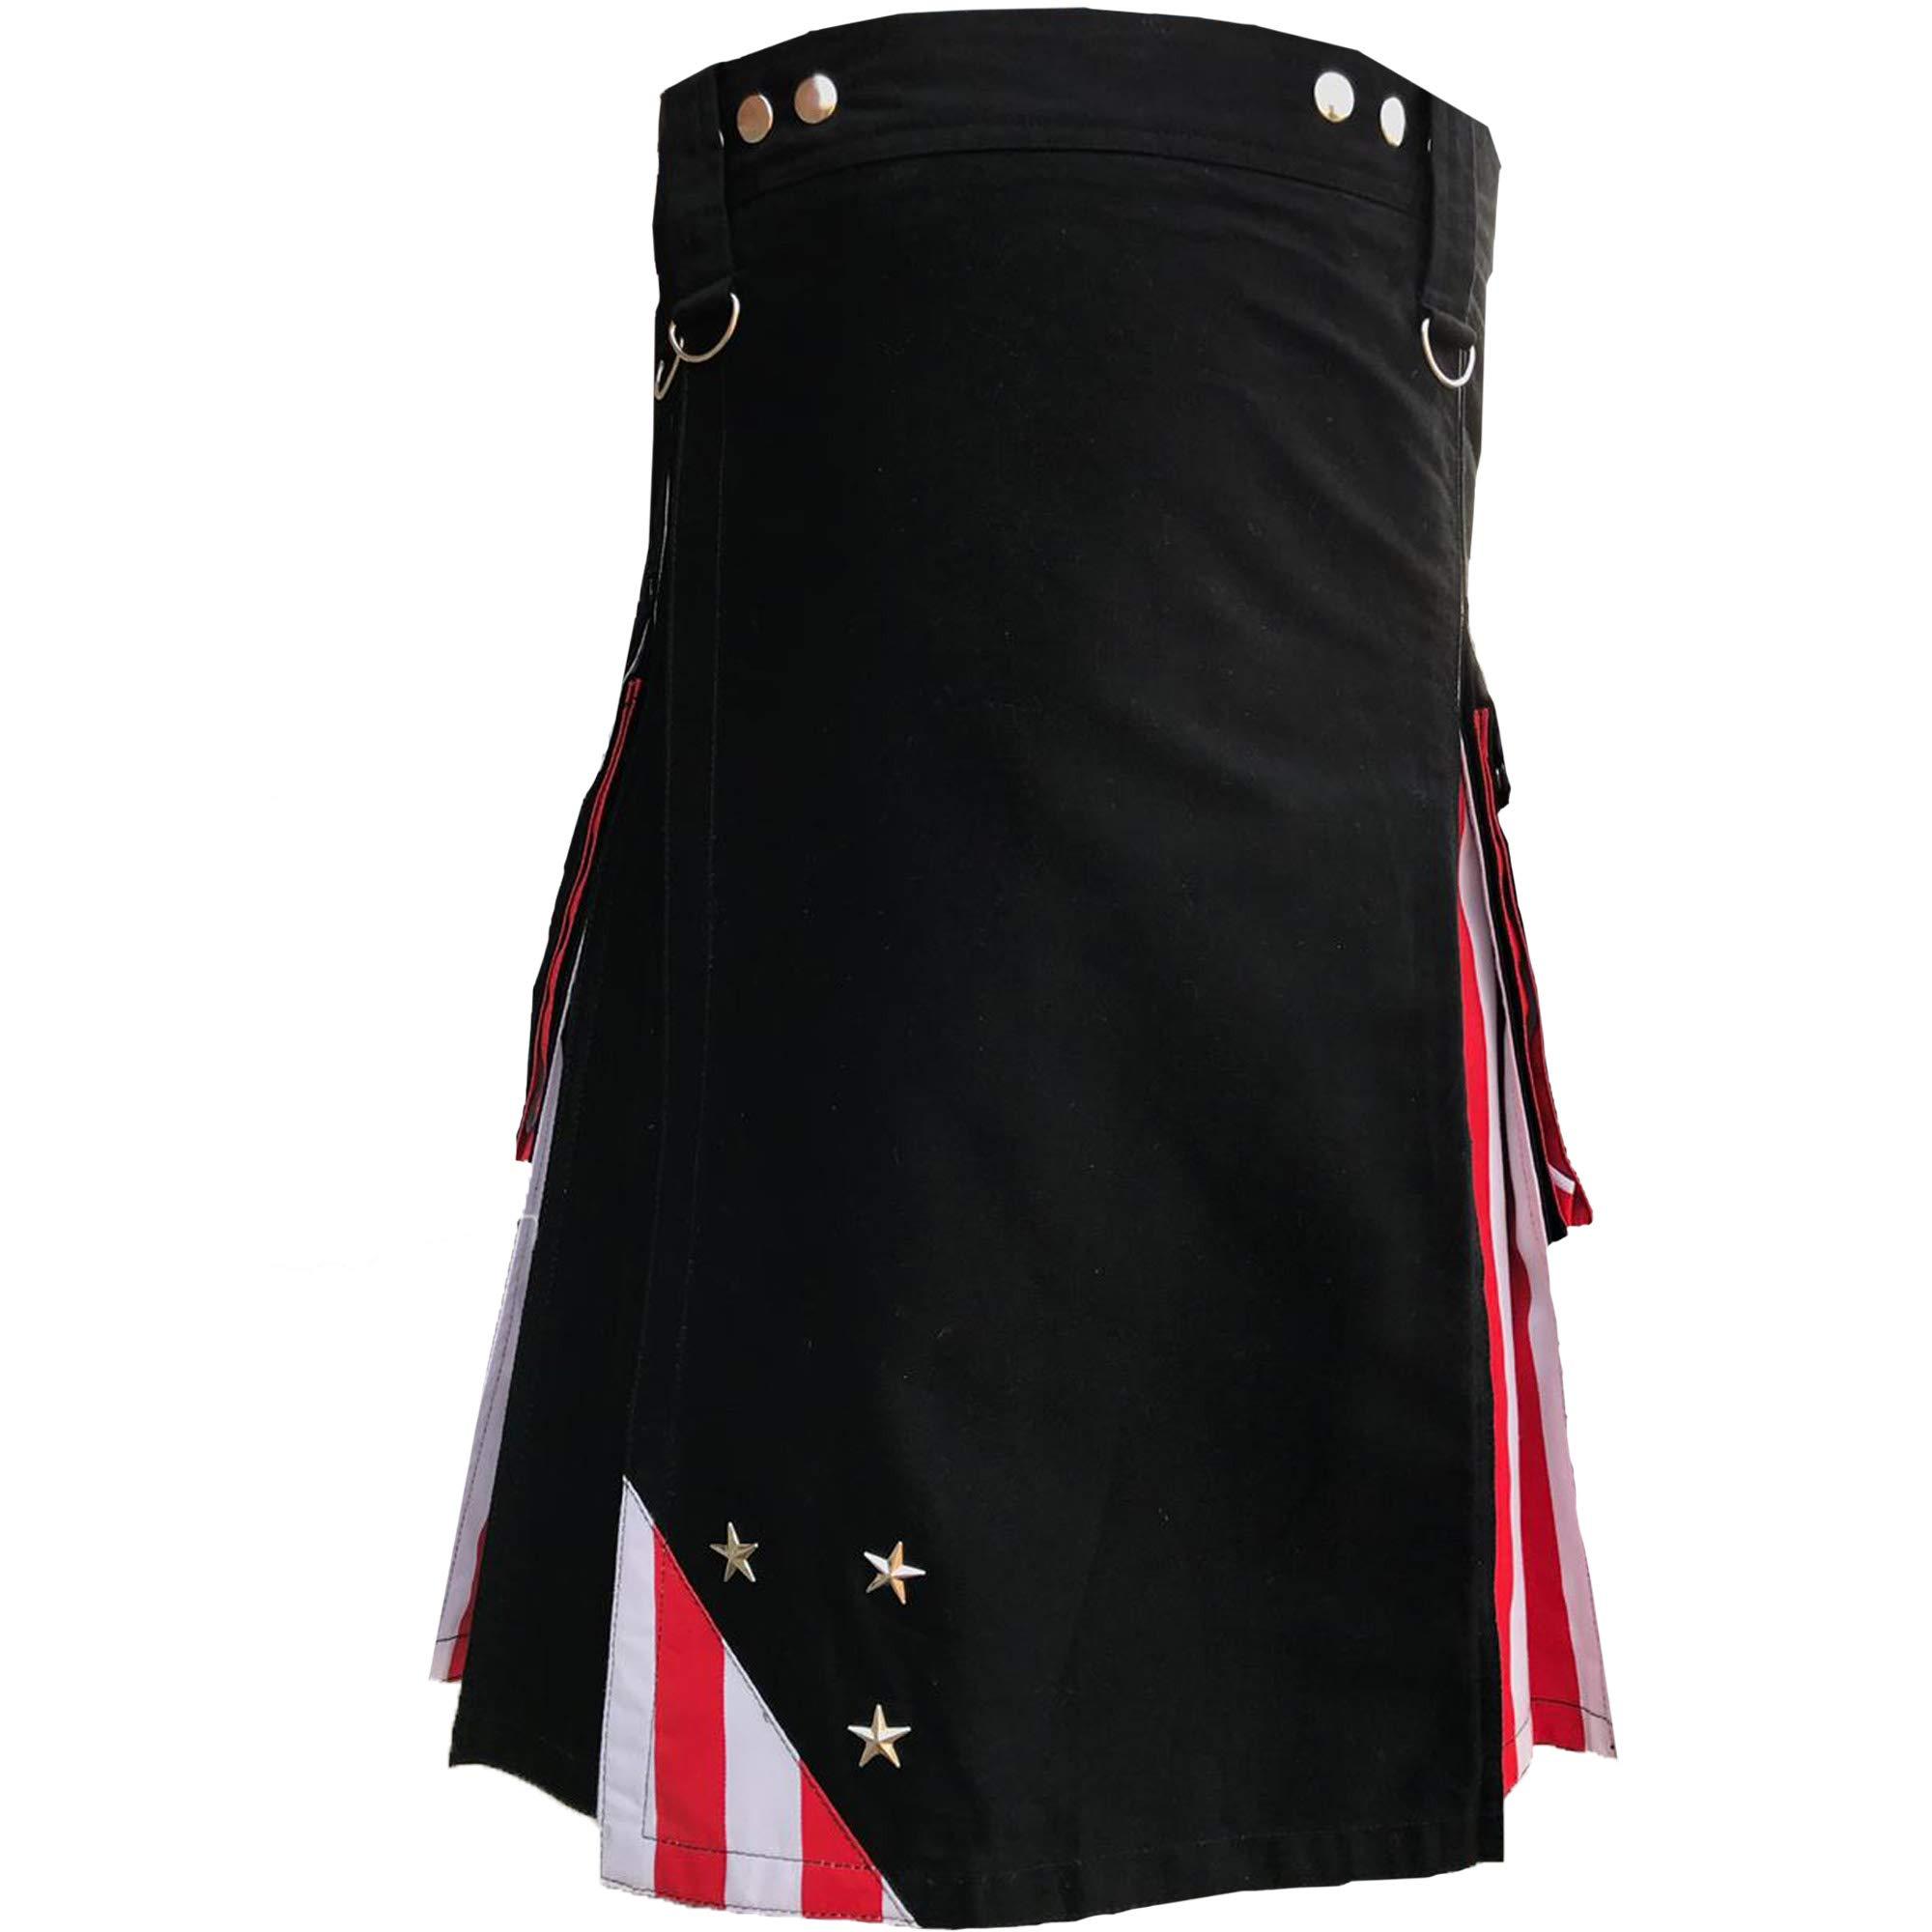 AAR Men's Kilts US American Flag Hybrid Utility Kilt Modern Design Size 34''